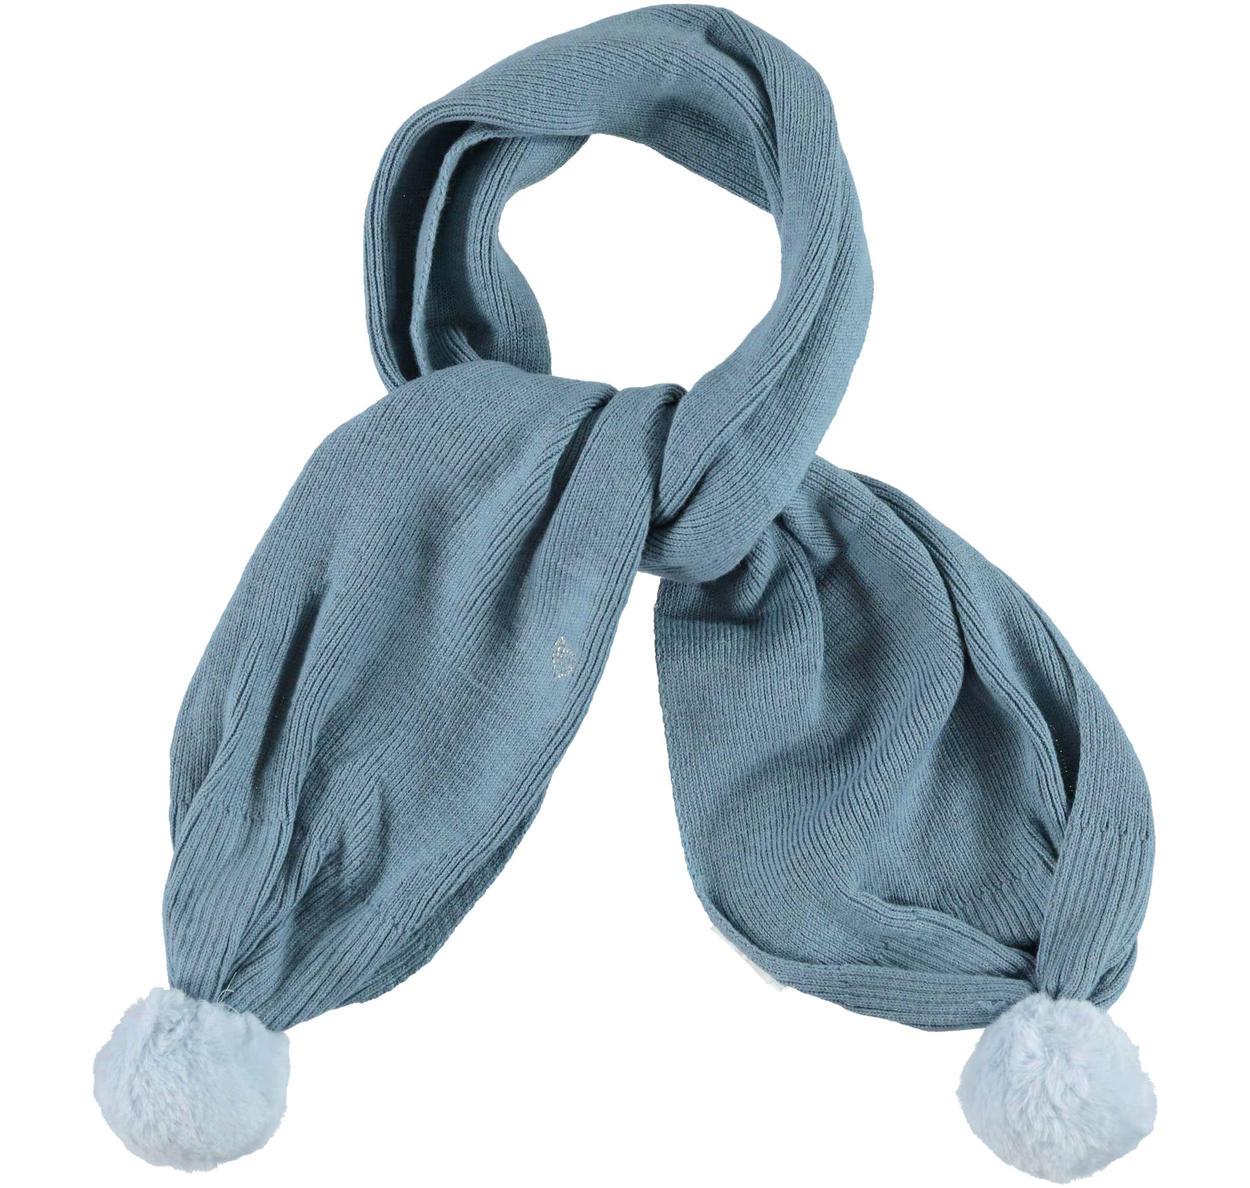 Morbida sciarpa con cuoricino di strass per bambina da 6 mesi a 7 anni  Sarabanda CARTA ae1a5b60d699